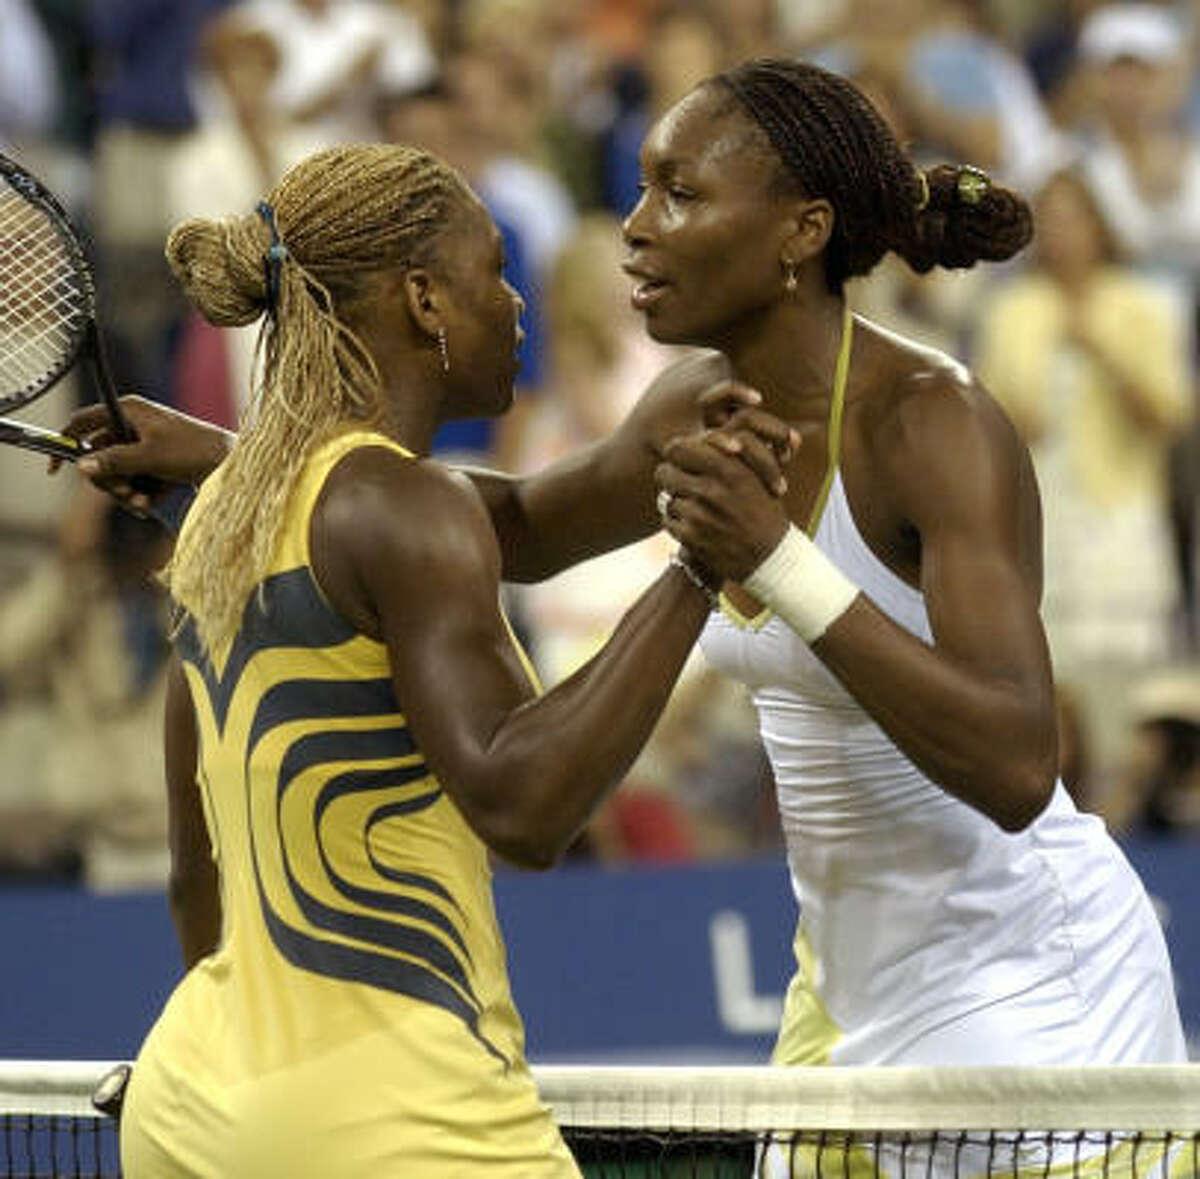 U.S. Open - Sept. 8, 2001: Serena, left, greets her sister after Venus won 6-2, 6-4. Advantage: Venus, 2-0.